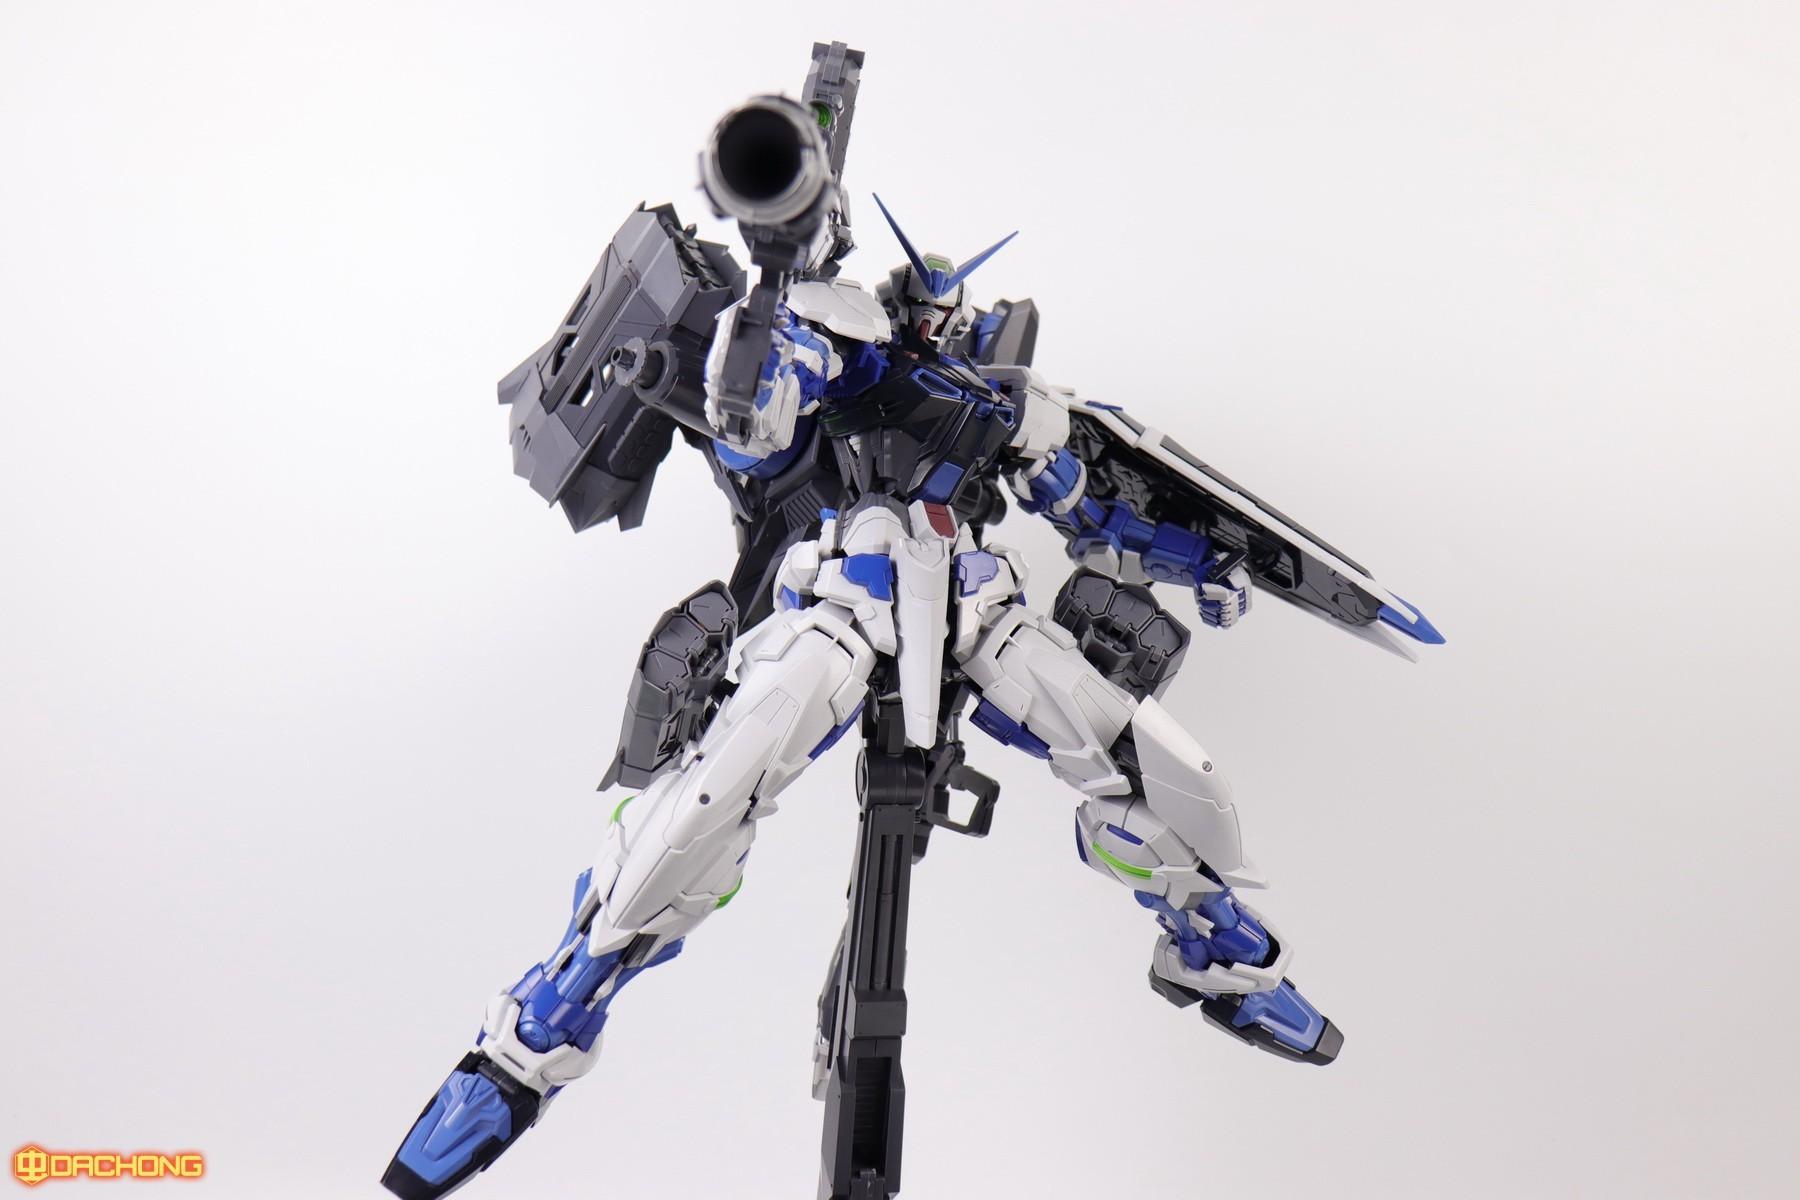 S306_blue_frame_astray_60_090.jpg